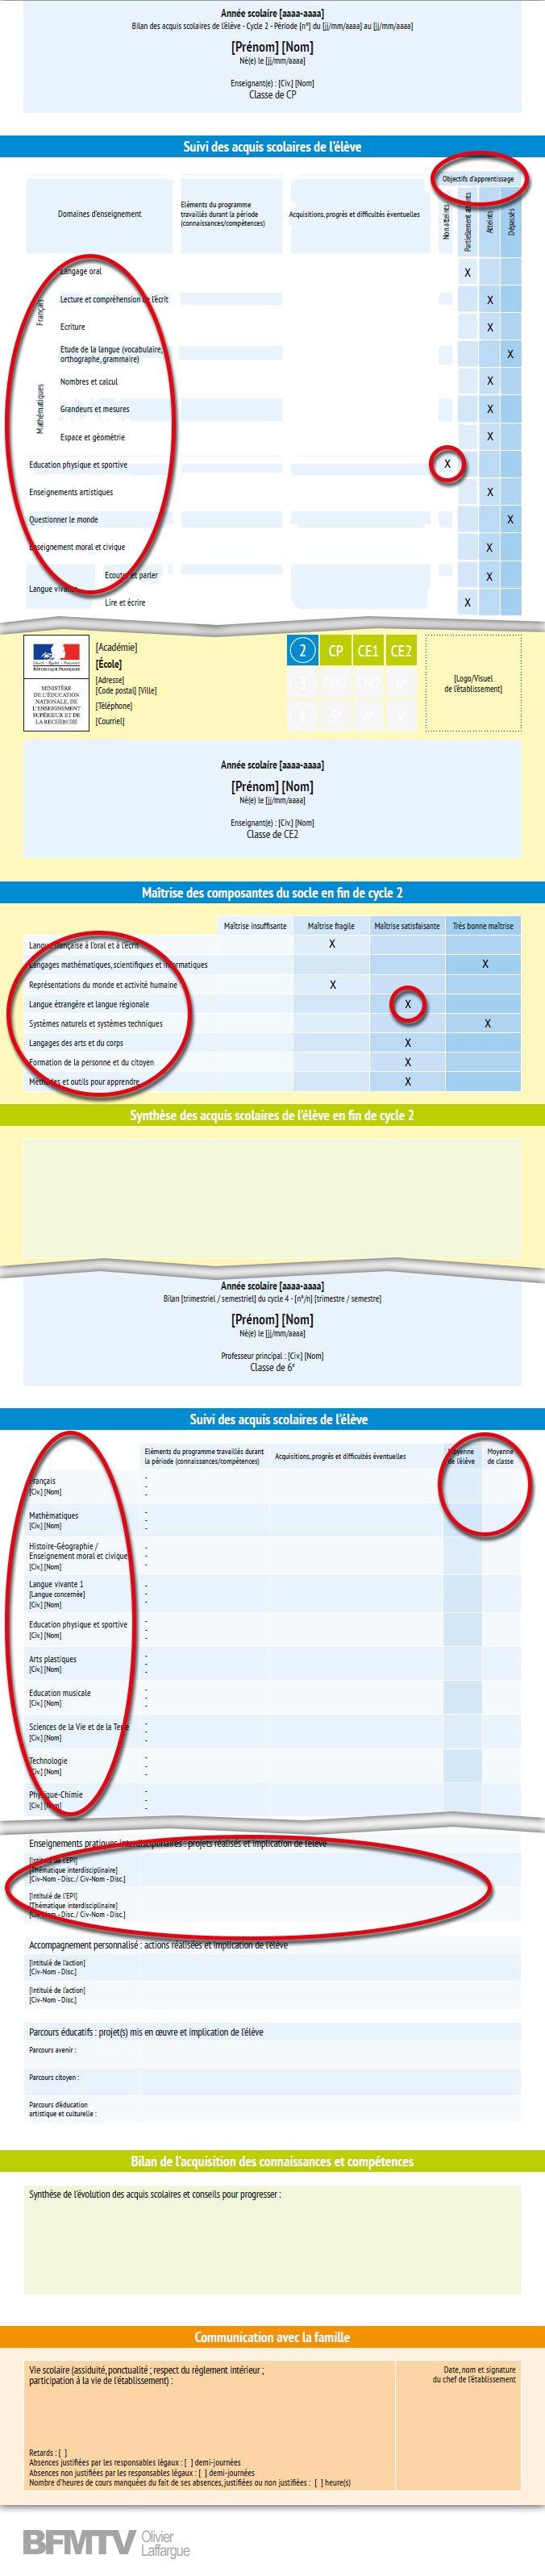 Le niveau des élèves est évalué selon quatre niveaux d'ap...